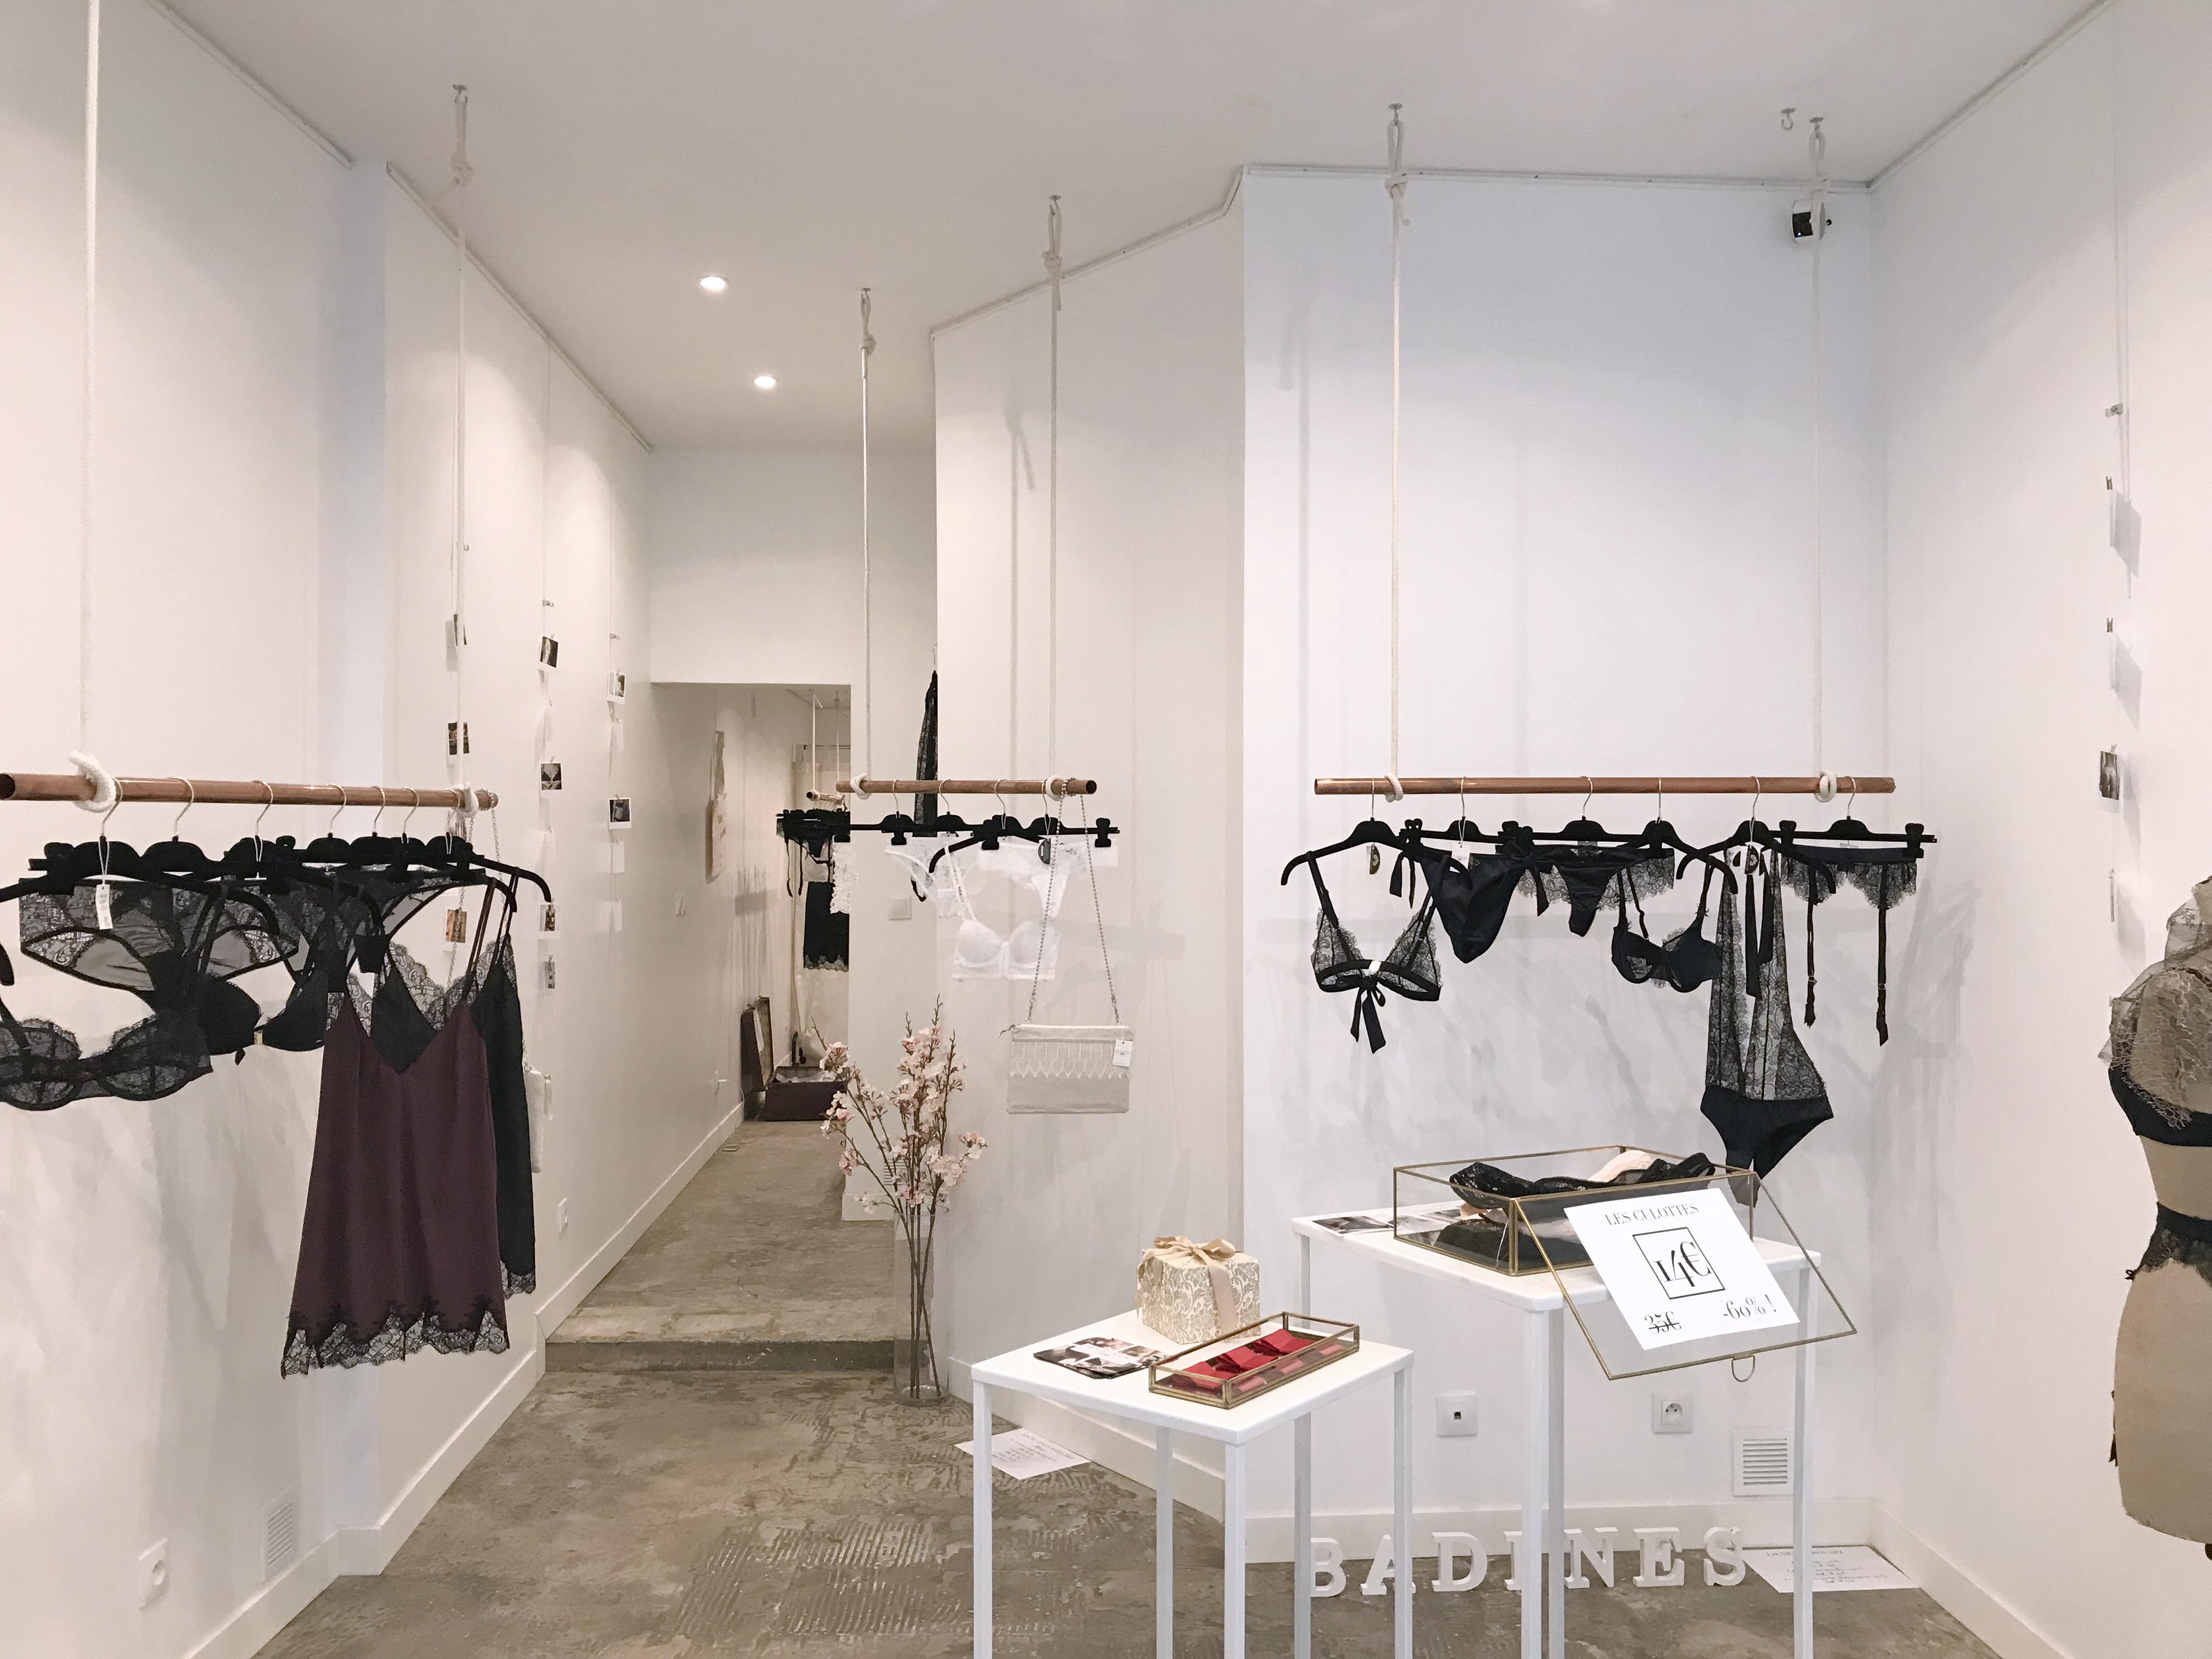 Location de boutique ephemere paris